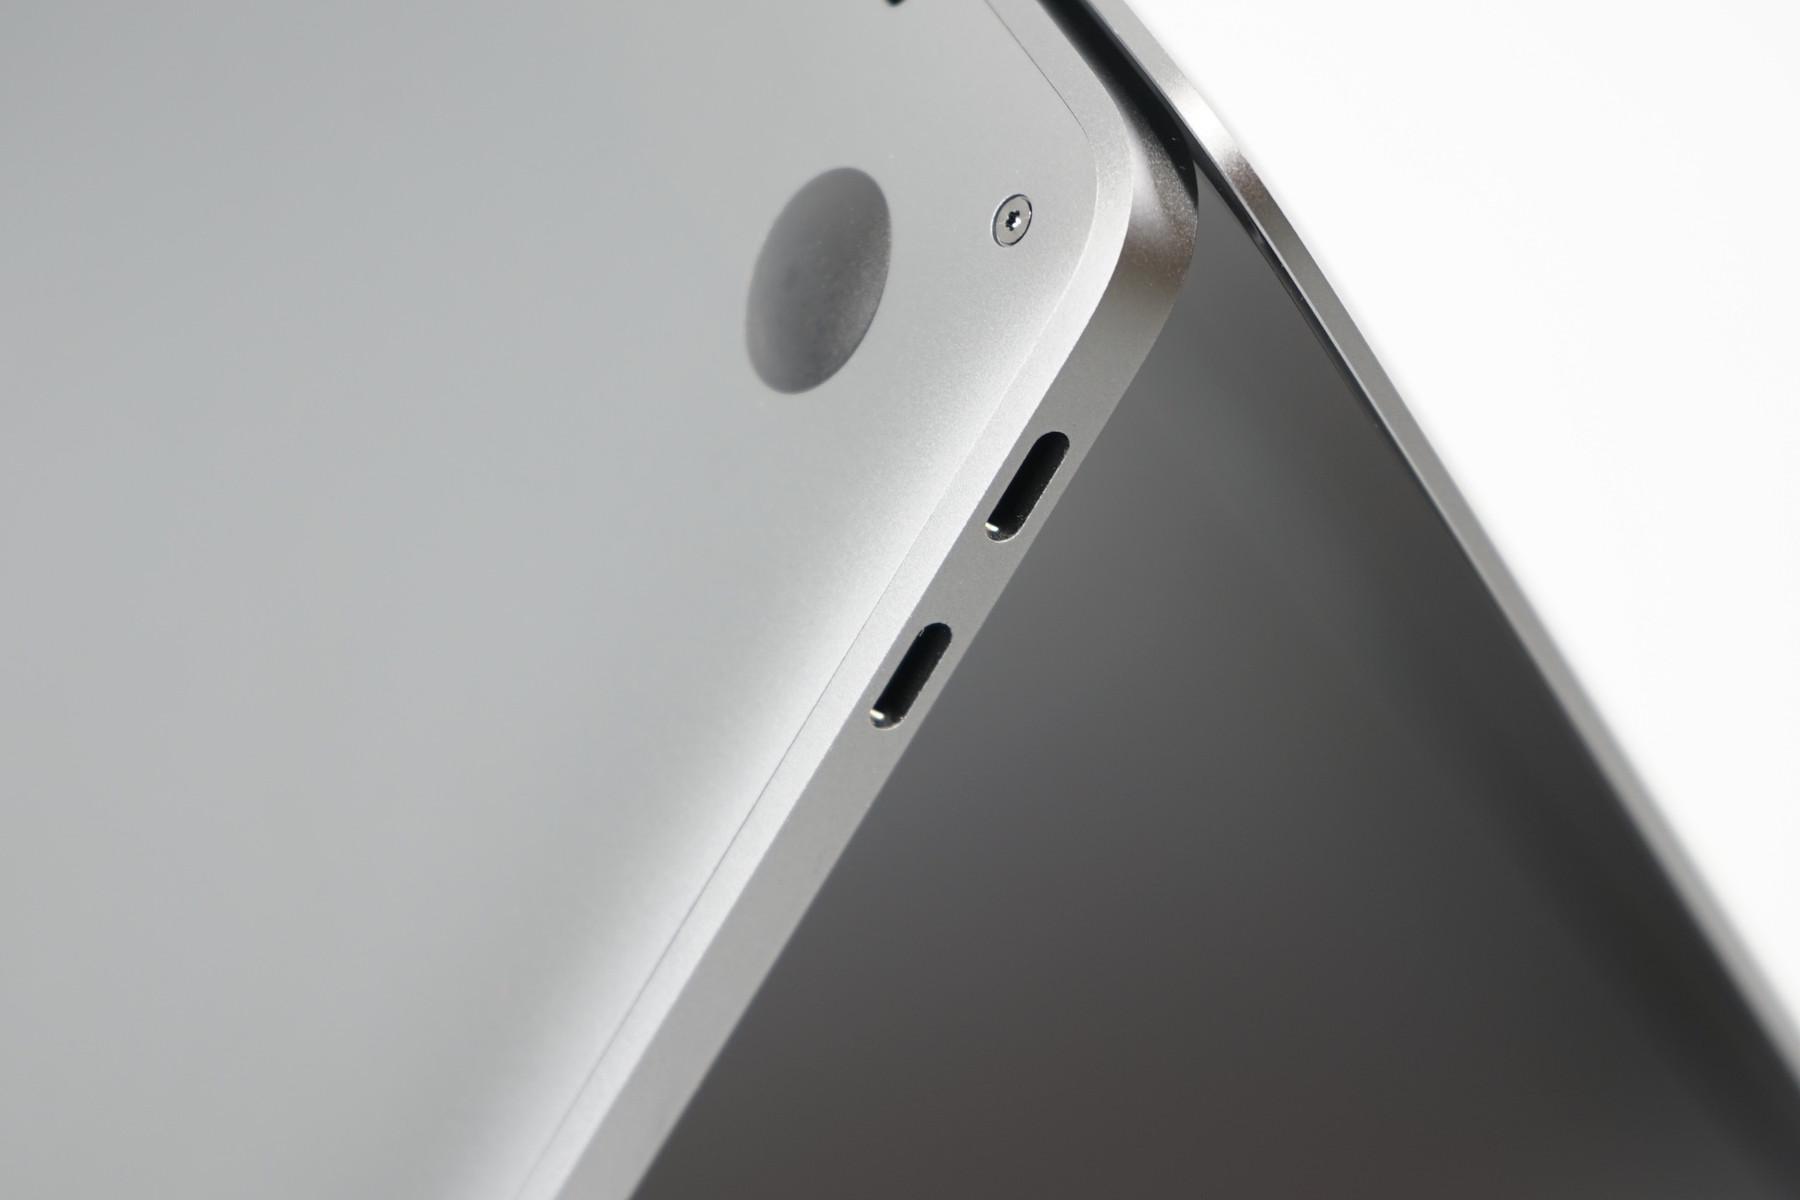 xiaomi-mi-air-vs-dell-xps-13-9360-vs-apple-macbook-pro-13-2016-600-13